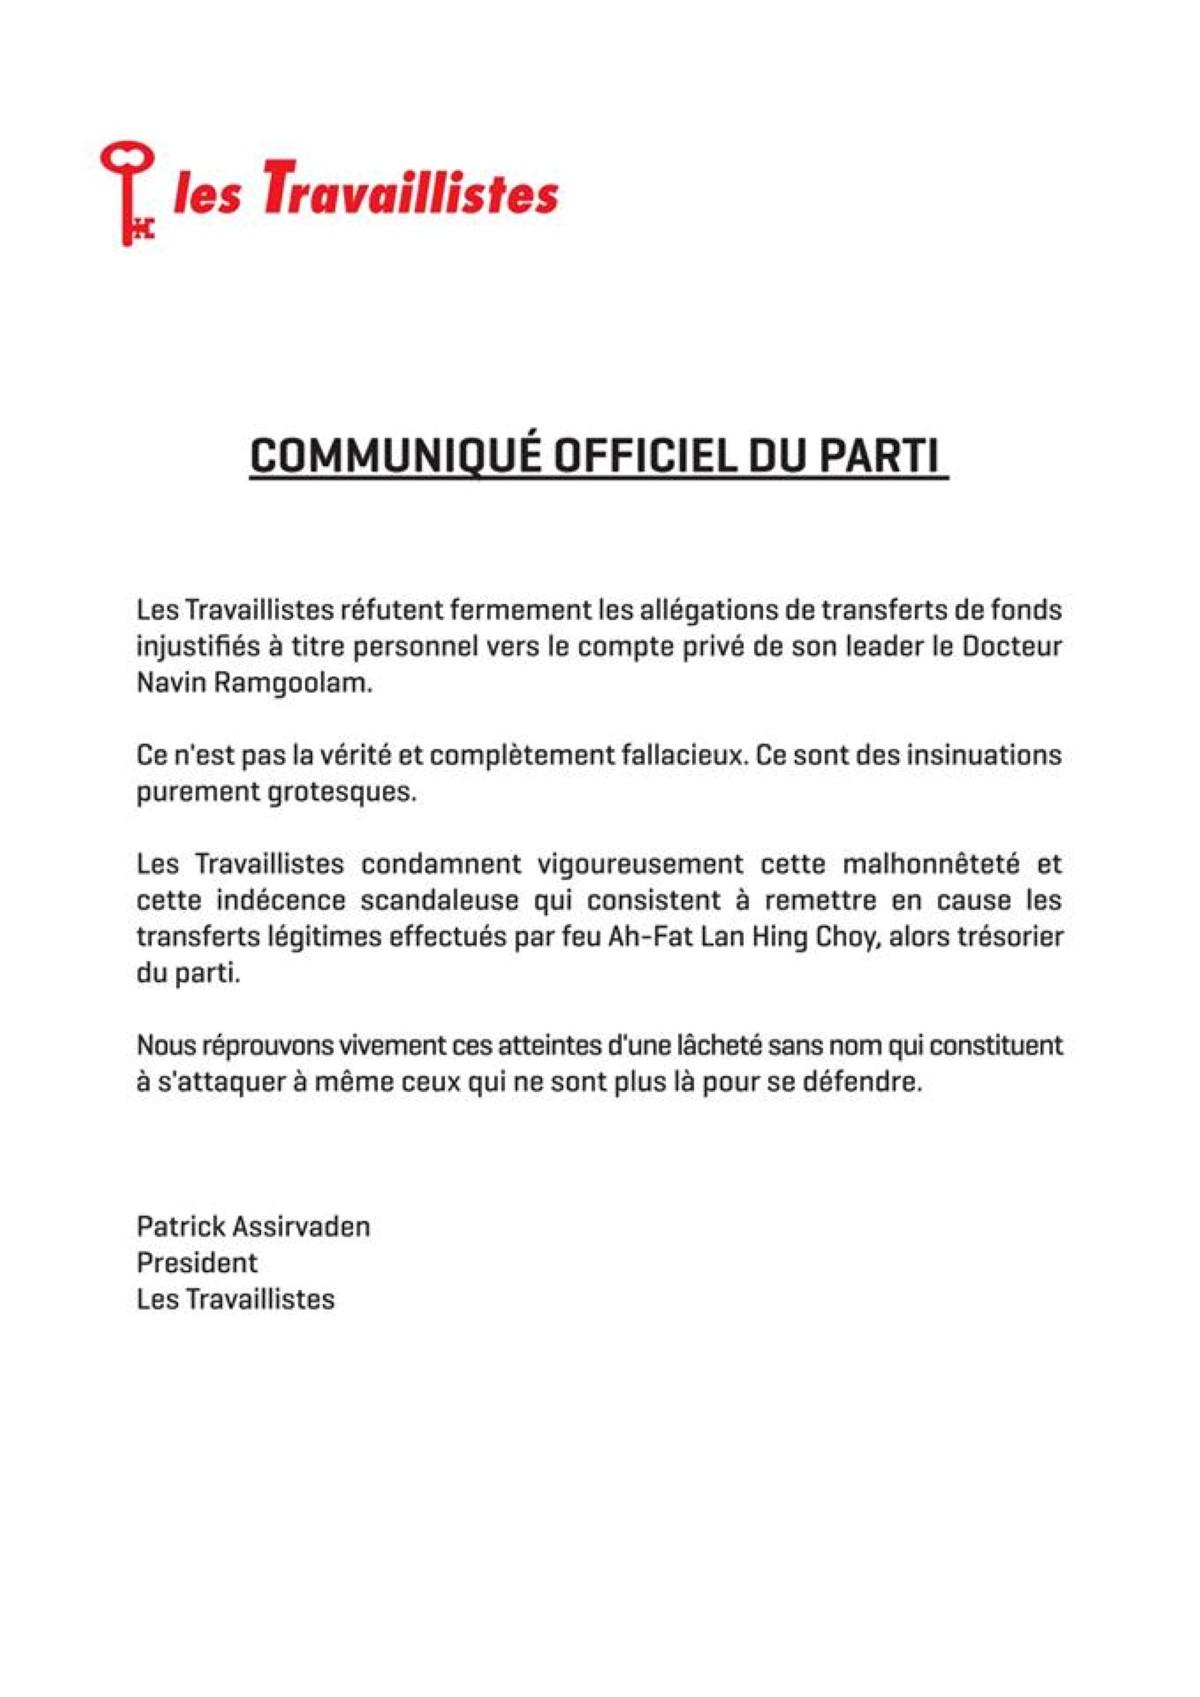 Relevés bancaires de Ramgoolam : le PTr condamne «cette malhonnêteté et cette indécence scandaleuse»